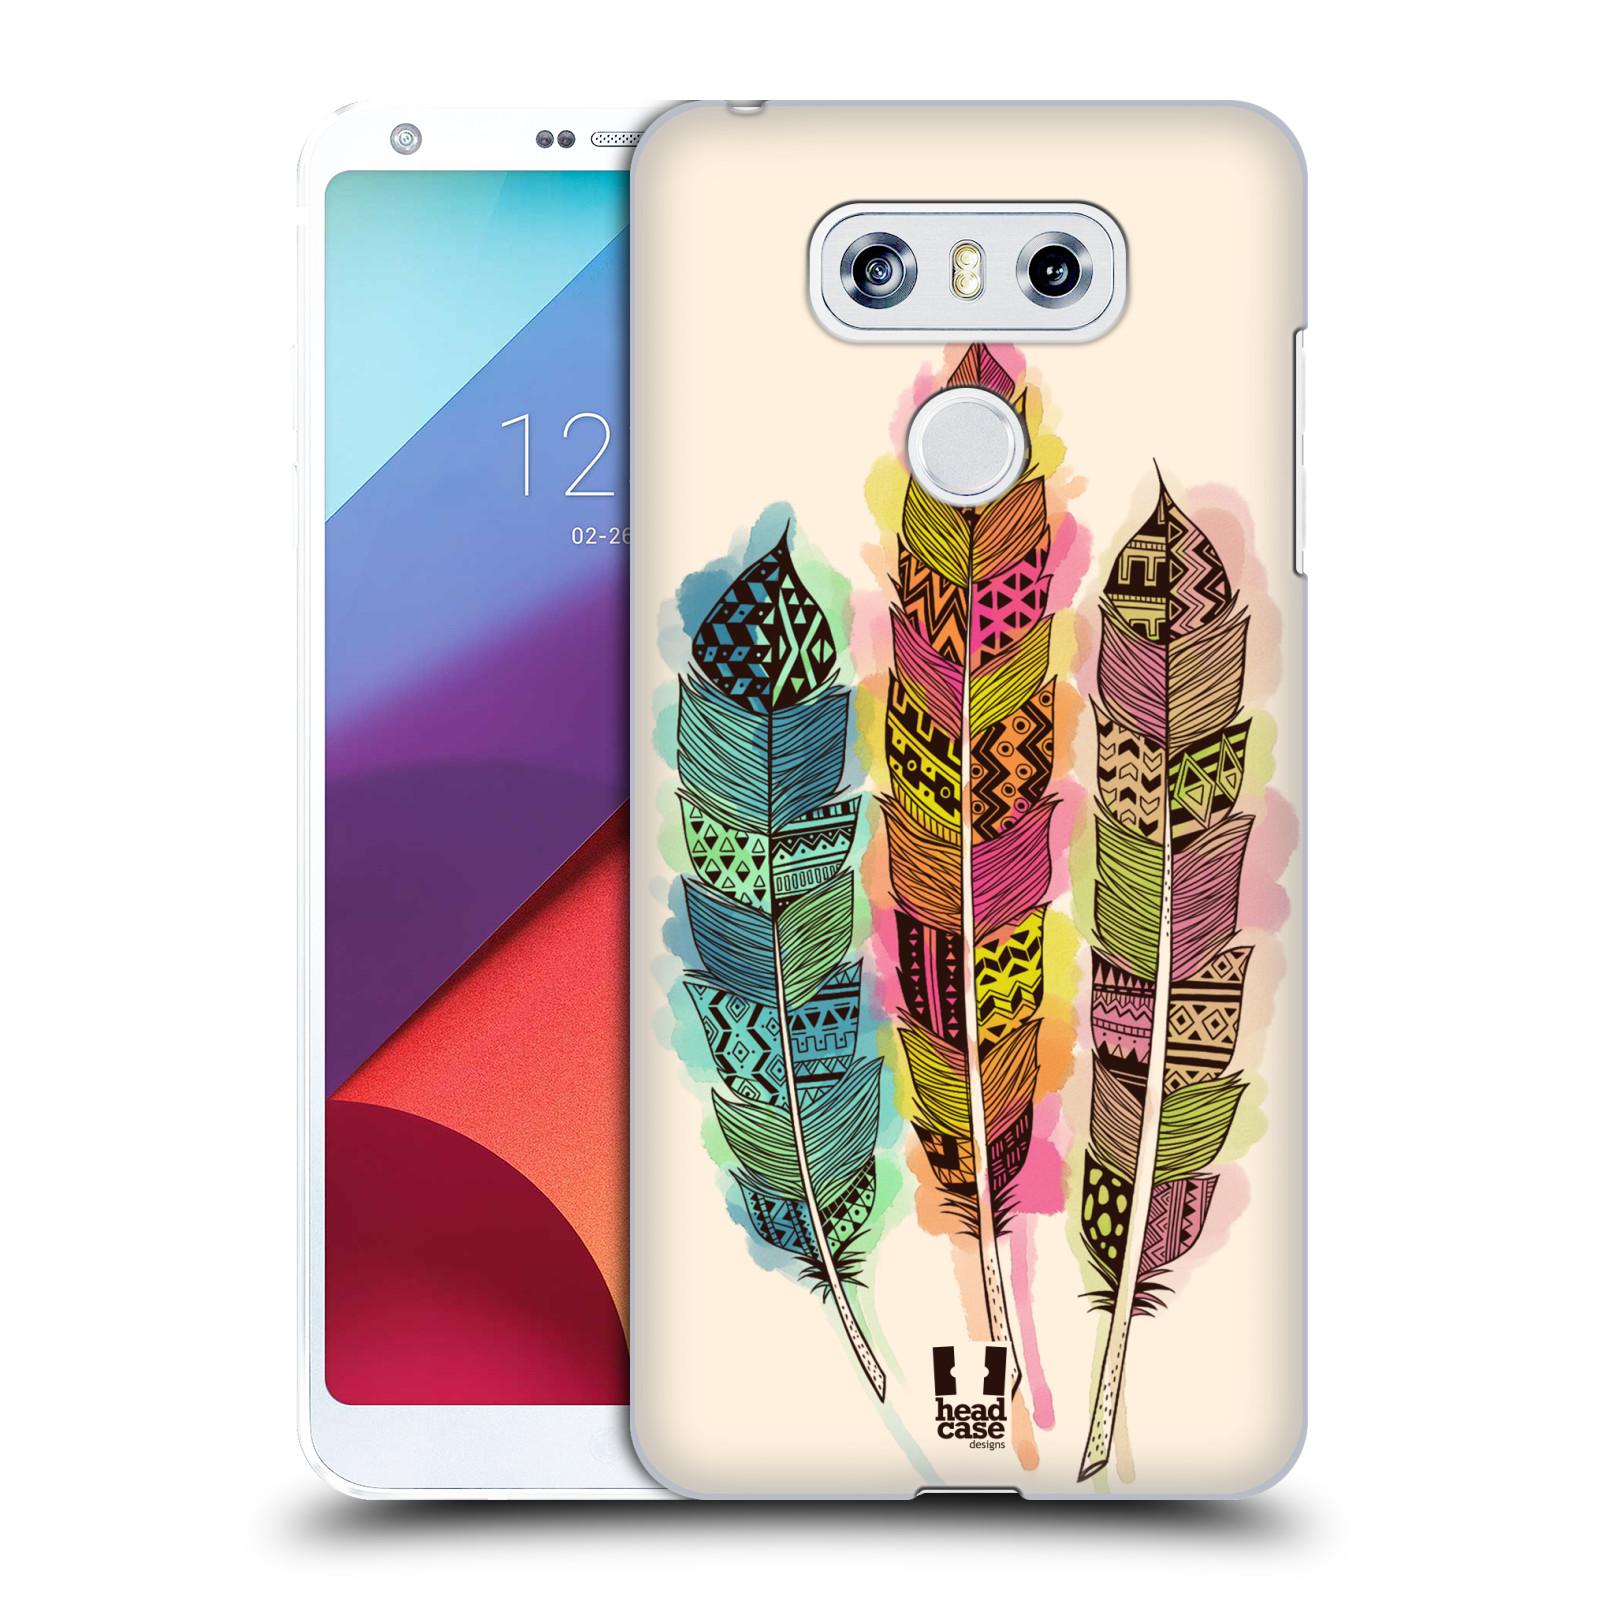 Plastové pouzdro na mobil LG G6 - Head Case AZTEC PÍRKA SPLASH